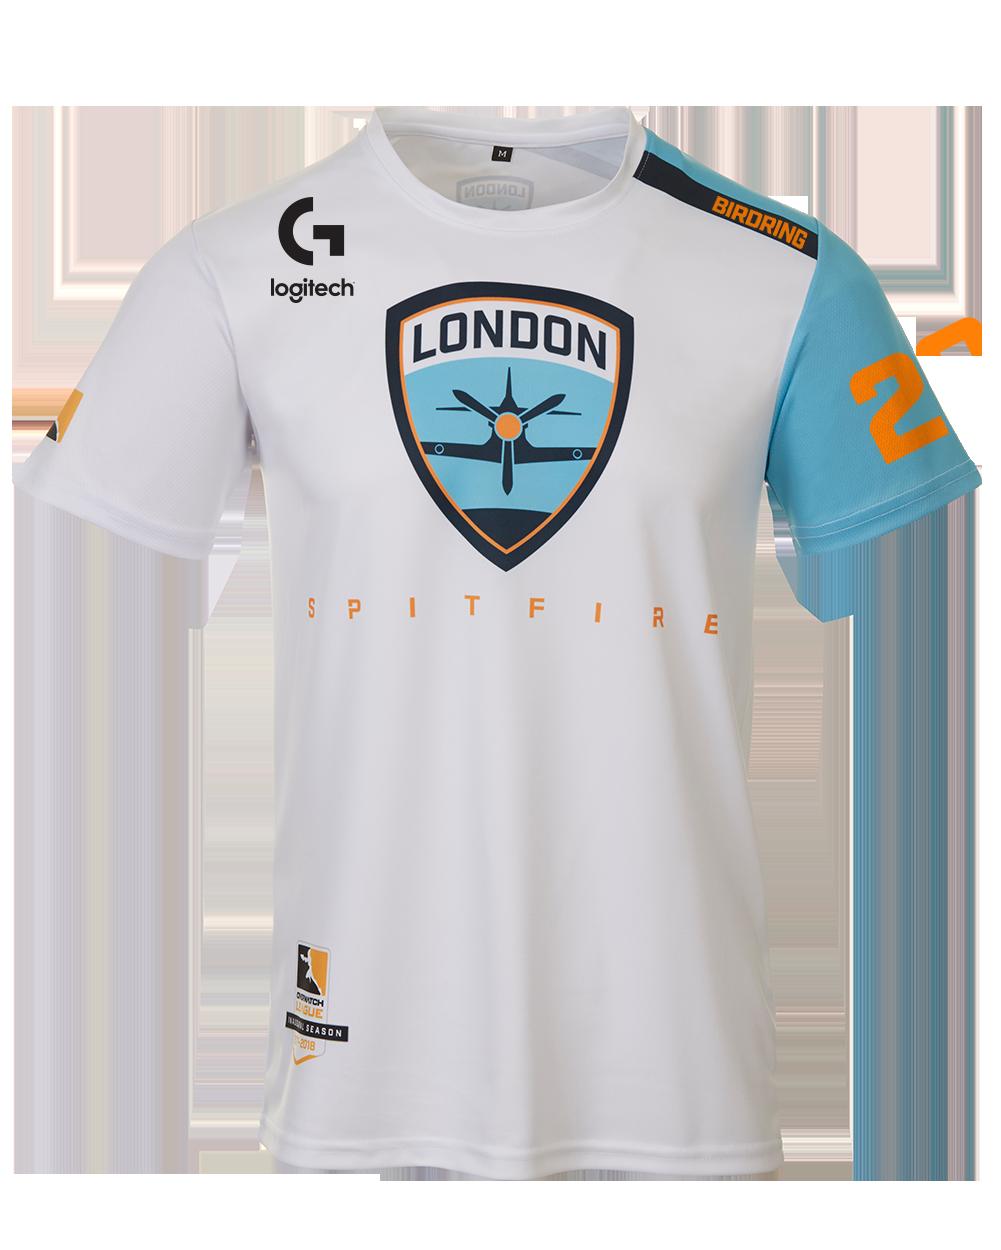 Spitfire's new jersey. Source: London Spitfire